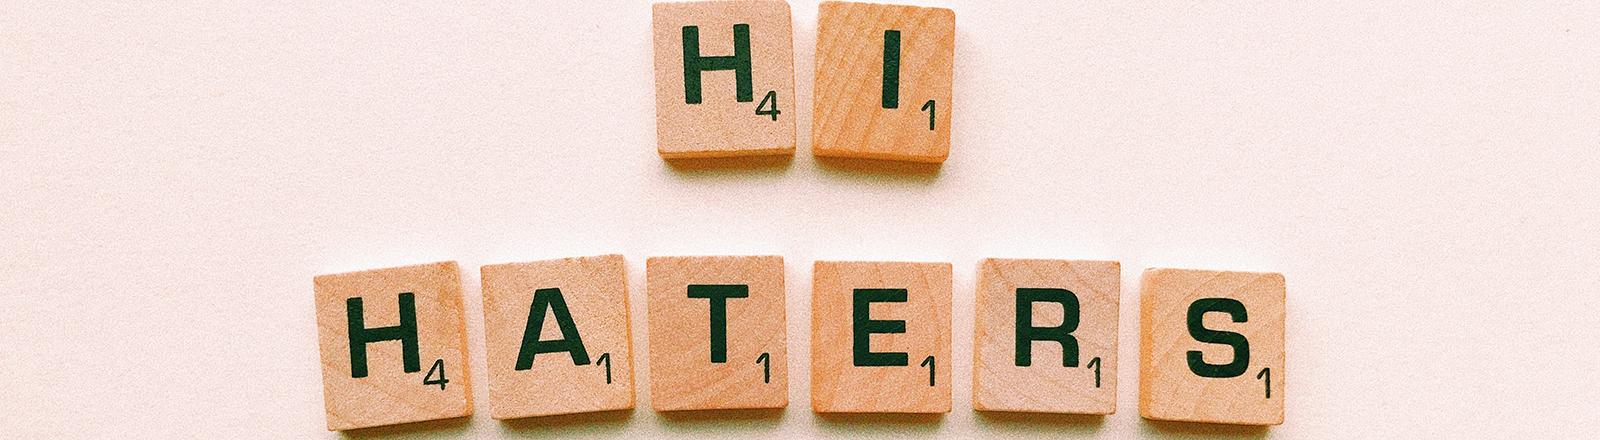 Symbolbild: schöne Grüße an alle Hater